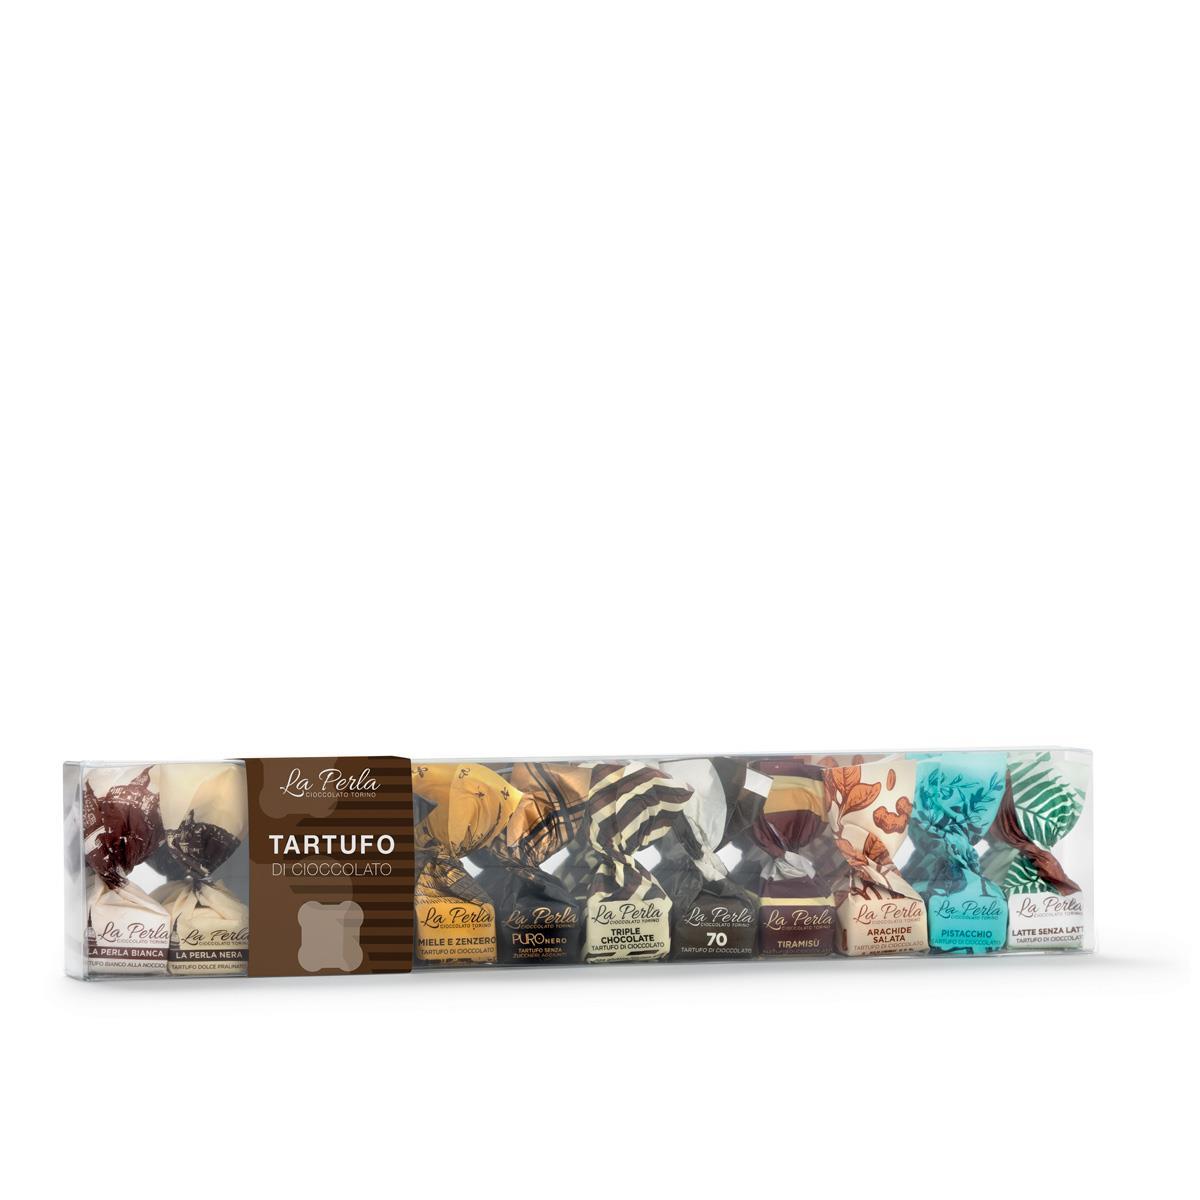 La Perla Tartufo di Cioccolato 12er Mix Box 170 g